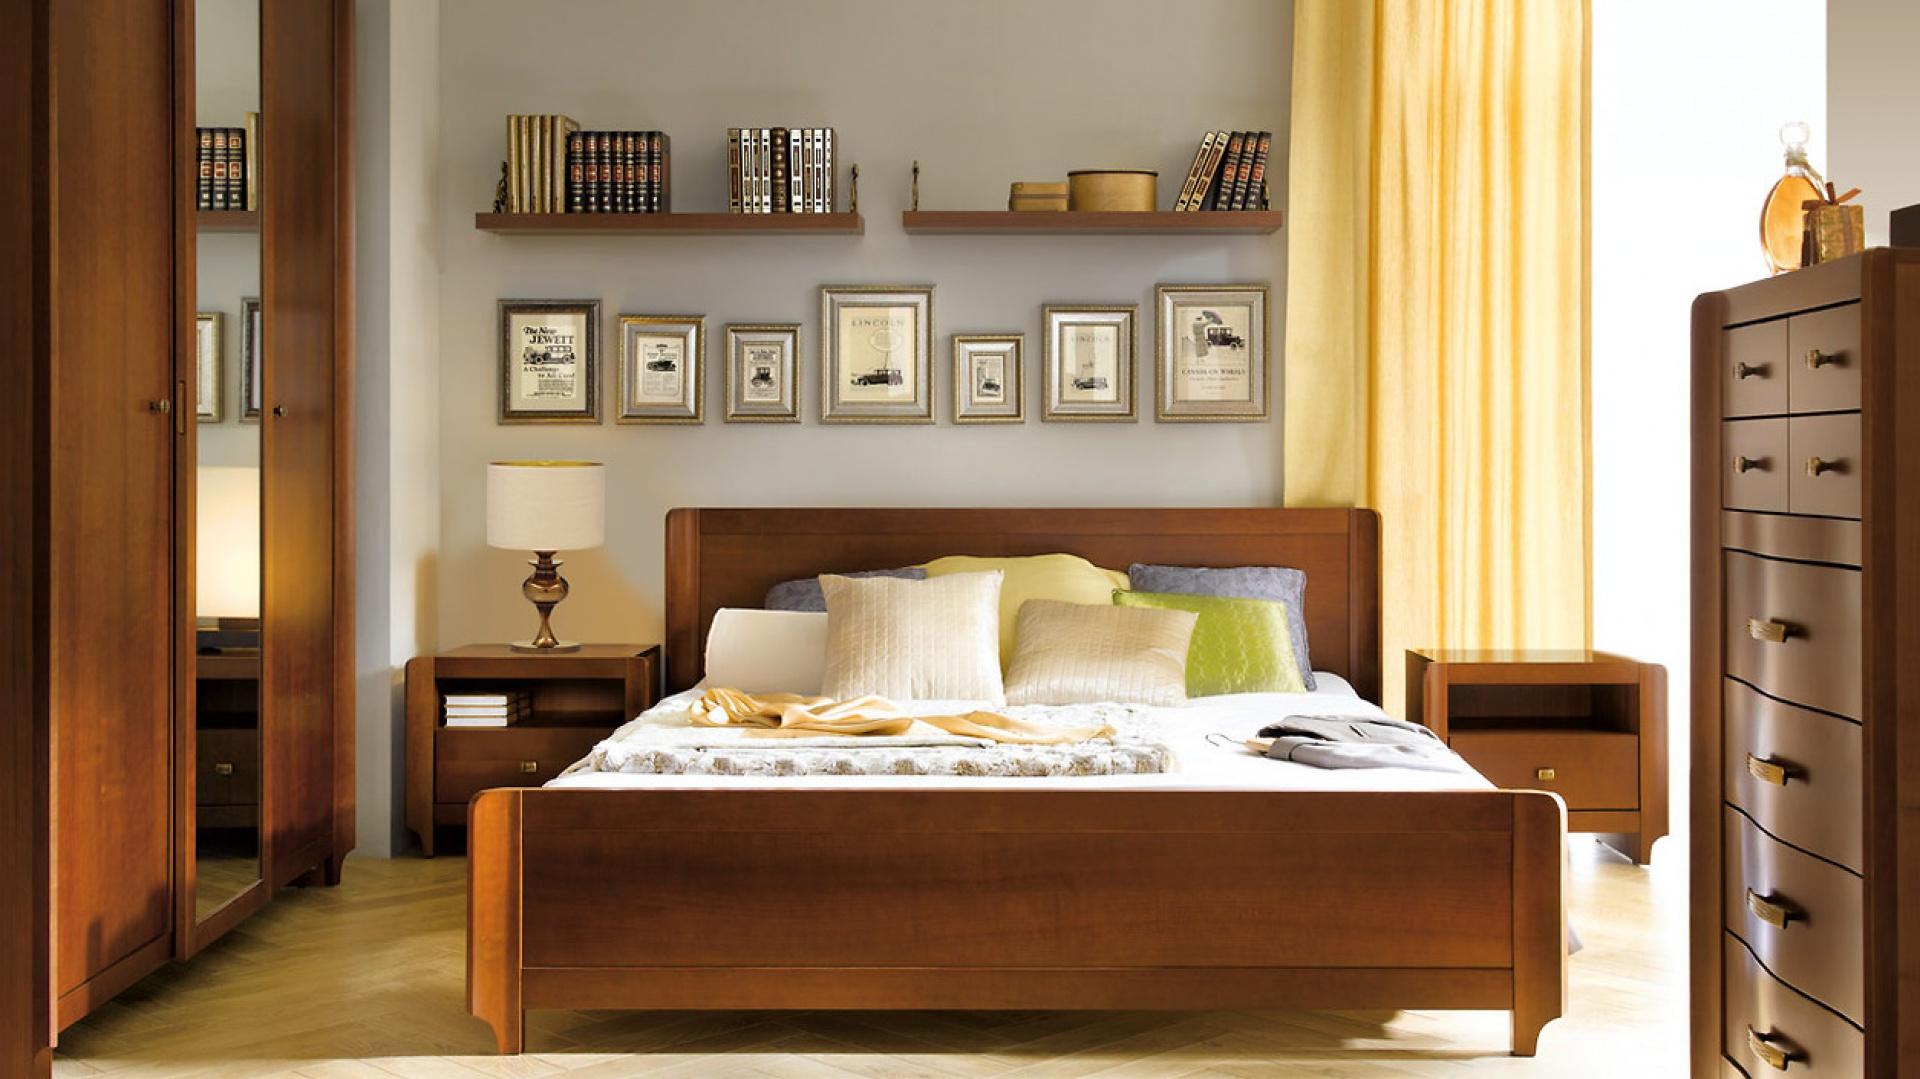 Kolekcja mebli Alevil w kolorze czereśni zaprojektowano z wielką dbałością o detale. łagodnie modelowane powierzchnie szuflad dopełniają ozdobne uchwyty. W kolekcji wykorzystano fornirowane fronty oraz oryginalne drewniane listwy. Fot. Black Red White.